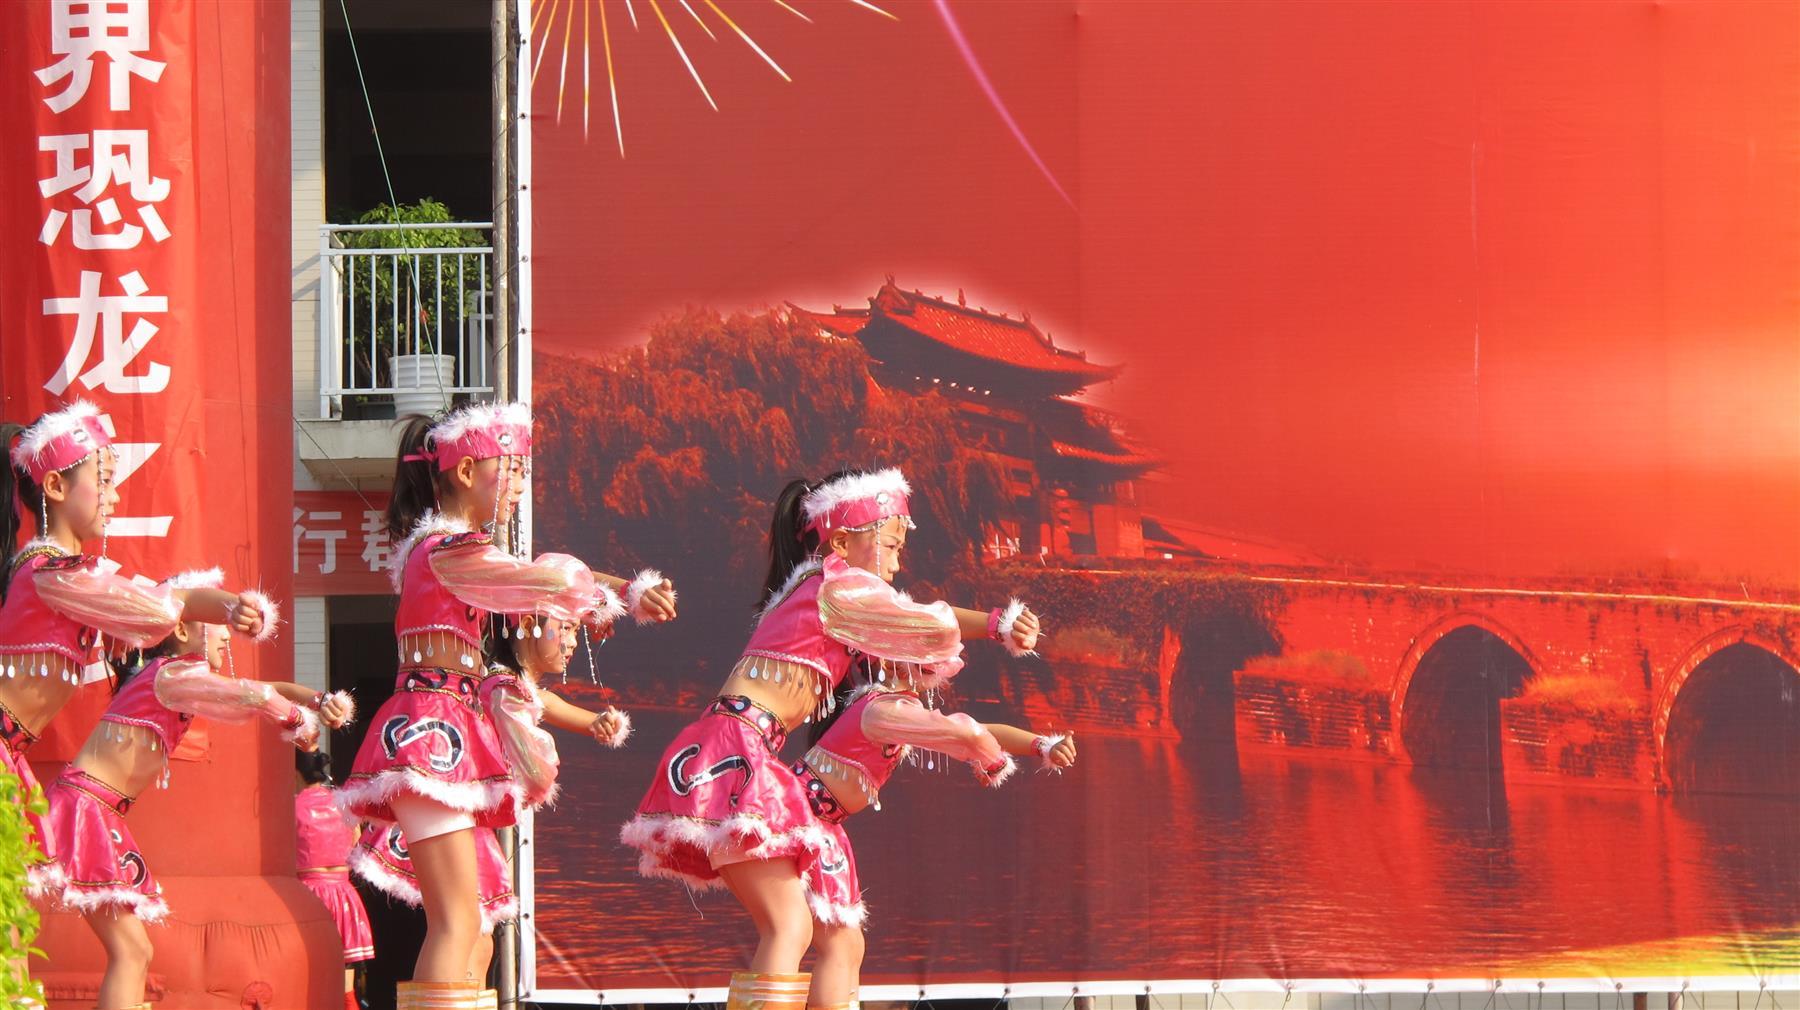 舞台上的服装盛宴(禄丰恐龙文化节)